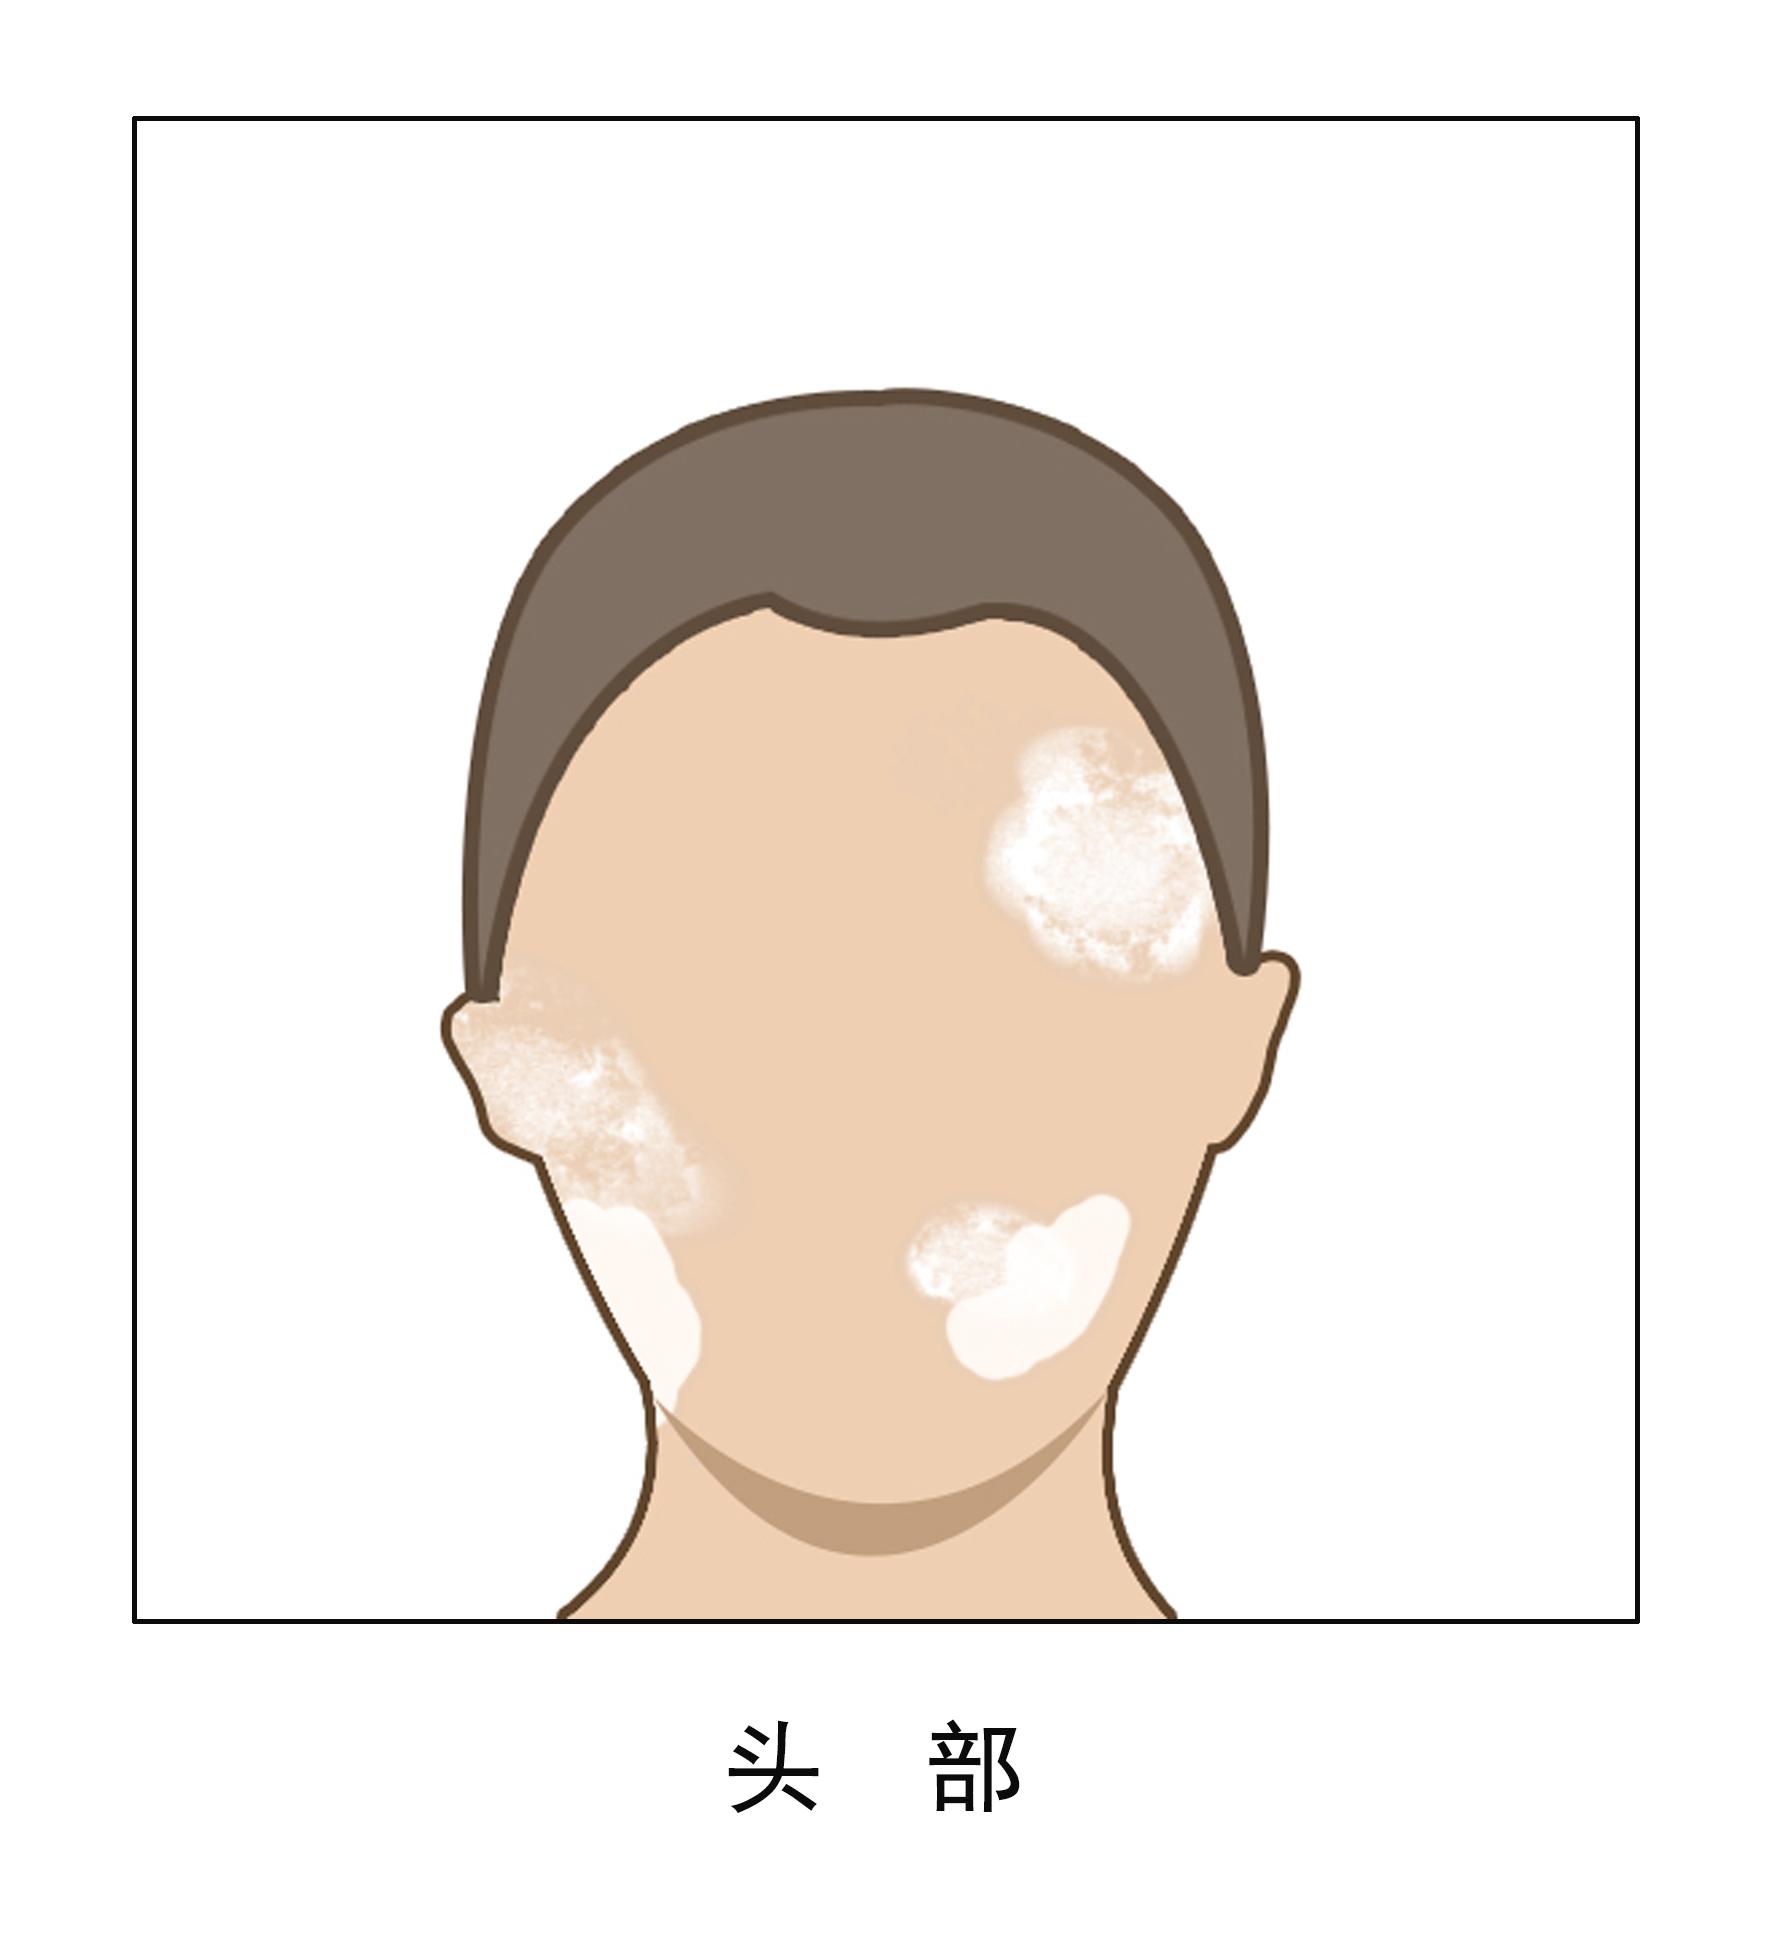 昆明白癜风医院位置:头部白癜风患者洗头的时候应该怎么做